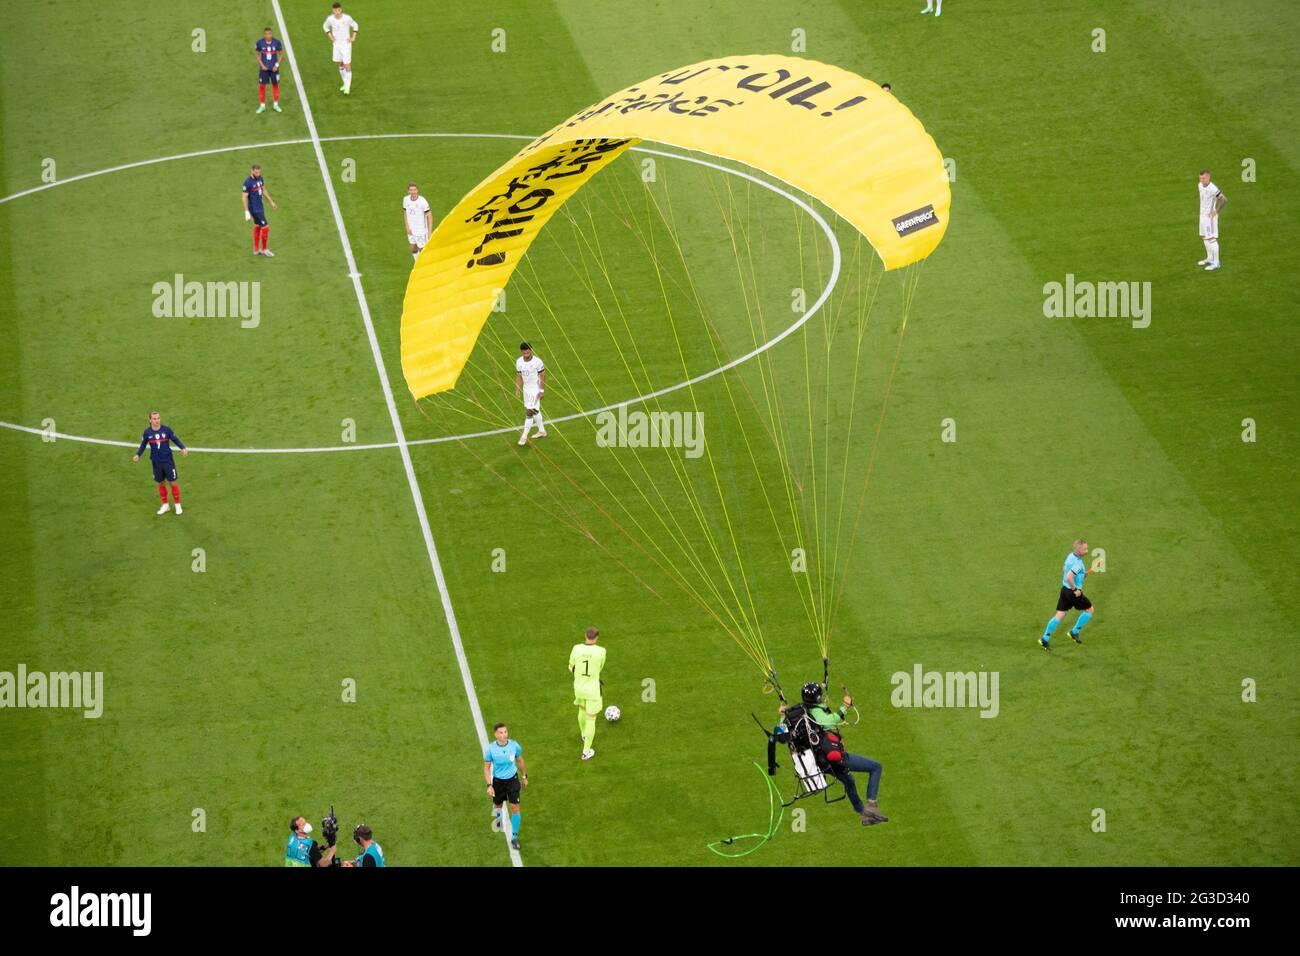 Vor dem UEFA Euro 2020 Championship Group F Spiel zwischen Frankreich und Deutschland in der Allianz Arena, am 15. Juni 2021 in Bayern, München, wird ein Greenpeace-Protestler in das Stadion fliegen sehen. Foto von David Niviere/ABACAPRESS.COM Stockfoto